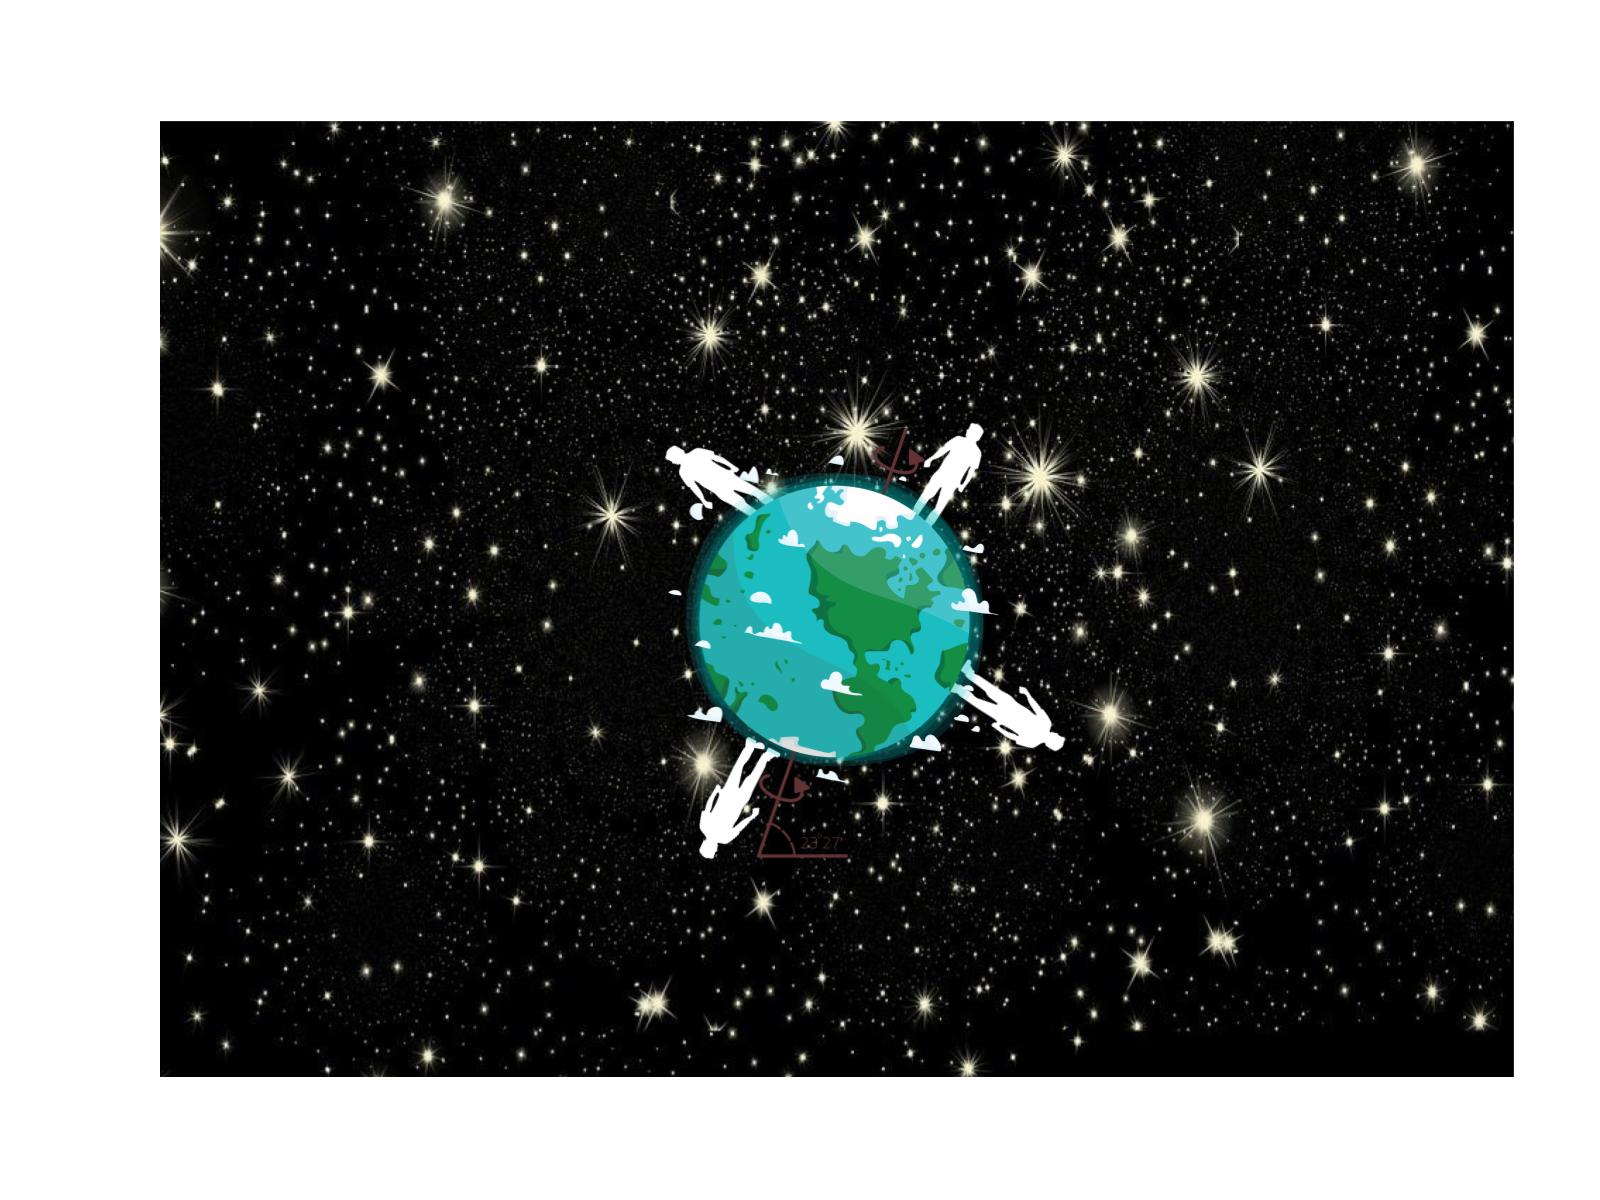 Movimento aparente dos astros